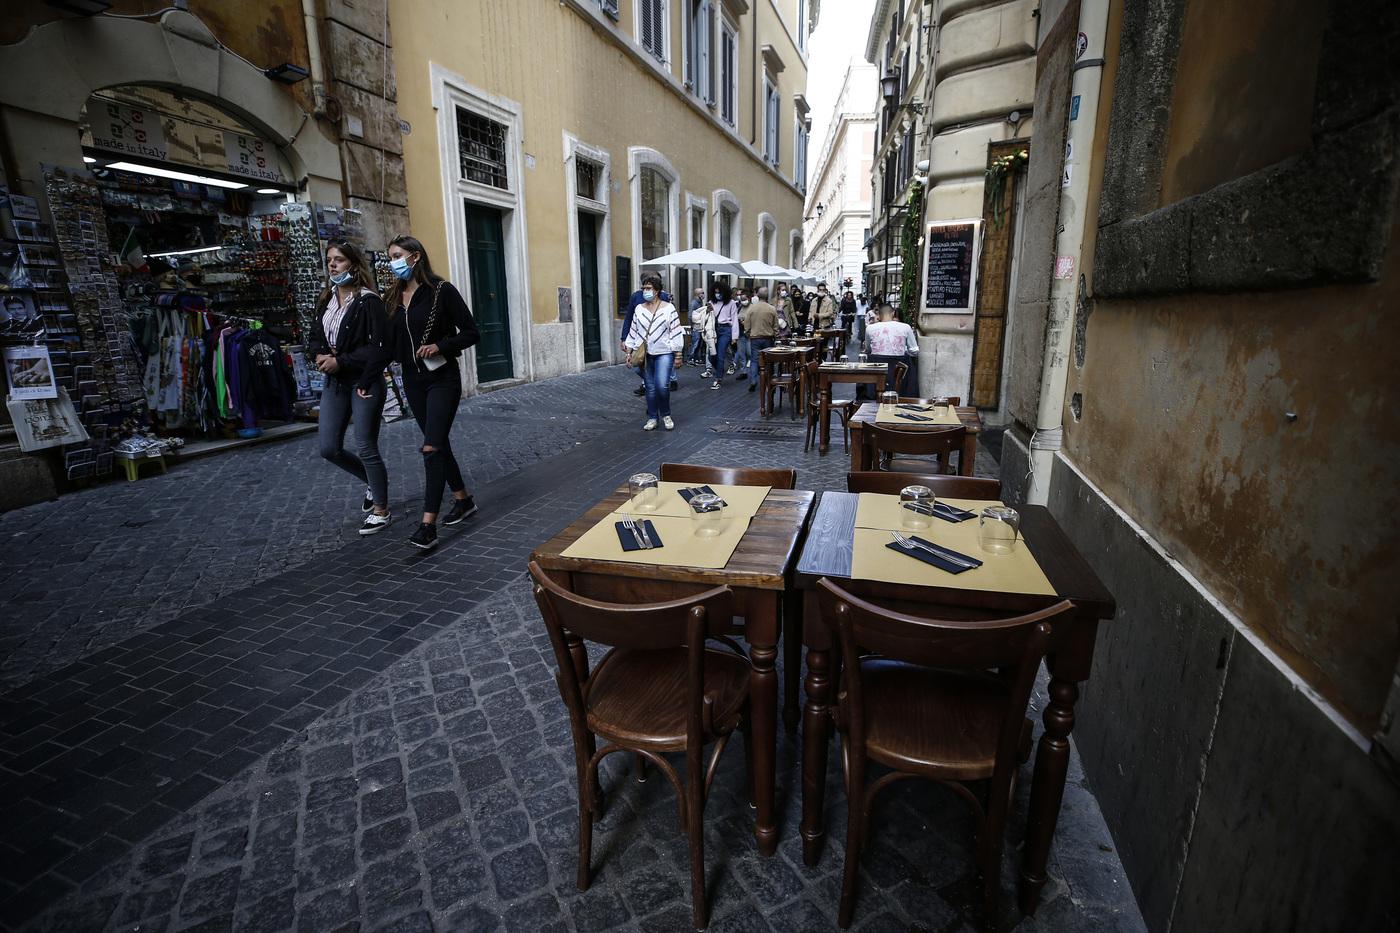 Nuovo Dpcm: al vaglio coprifuoco in tutta Italia alle 21, bar e ristoranti chiusi anche a pranzo e Dad anche in seconda media. Slitta a domani la firma del decreto